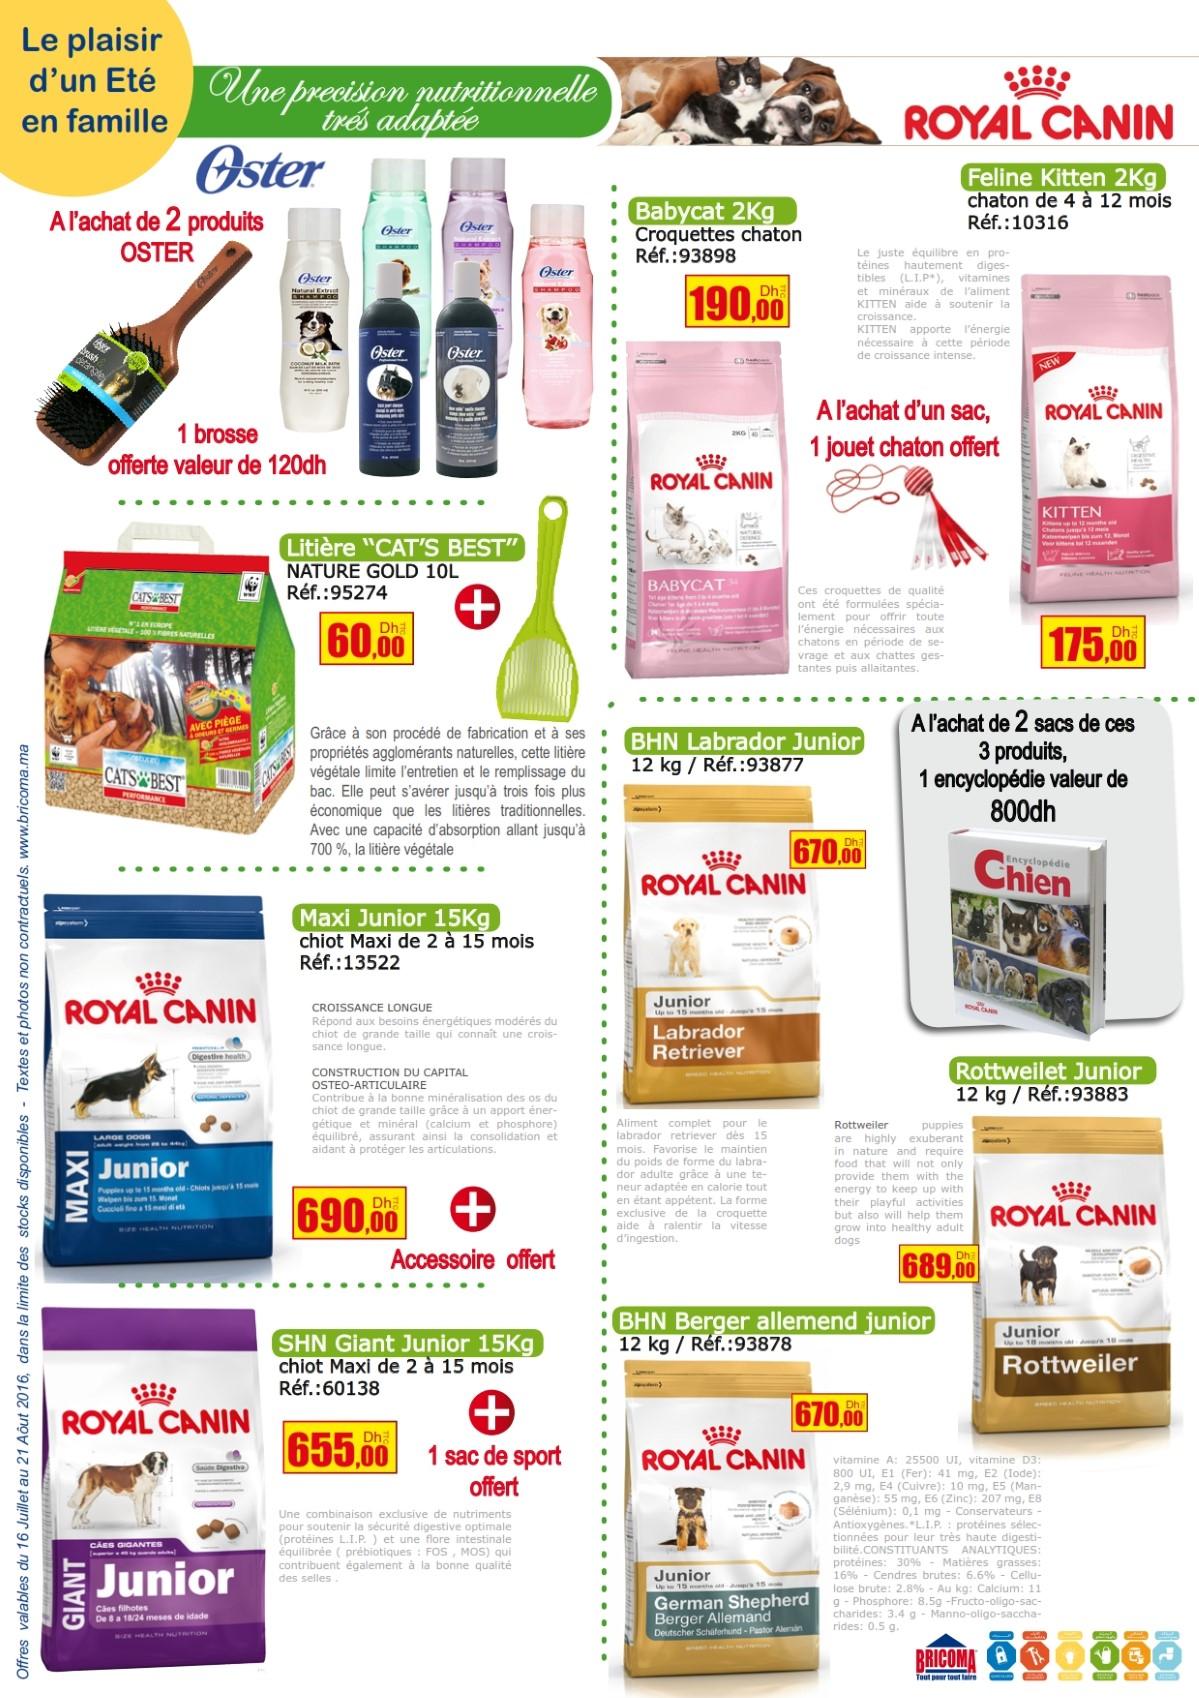 brochure_N_47_interactif_006